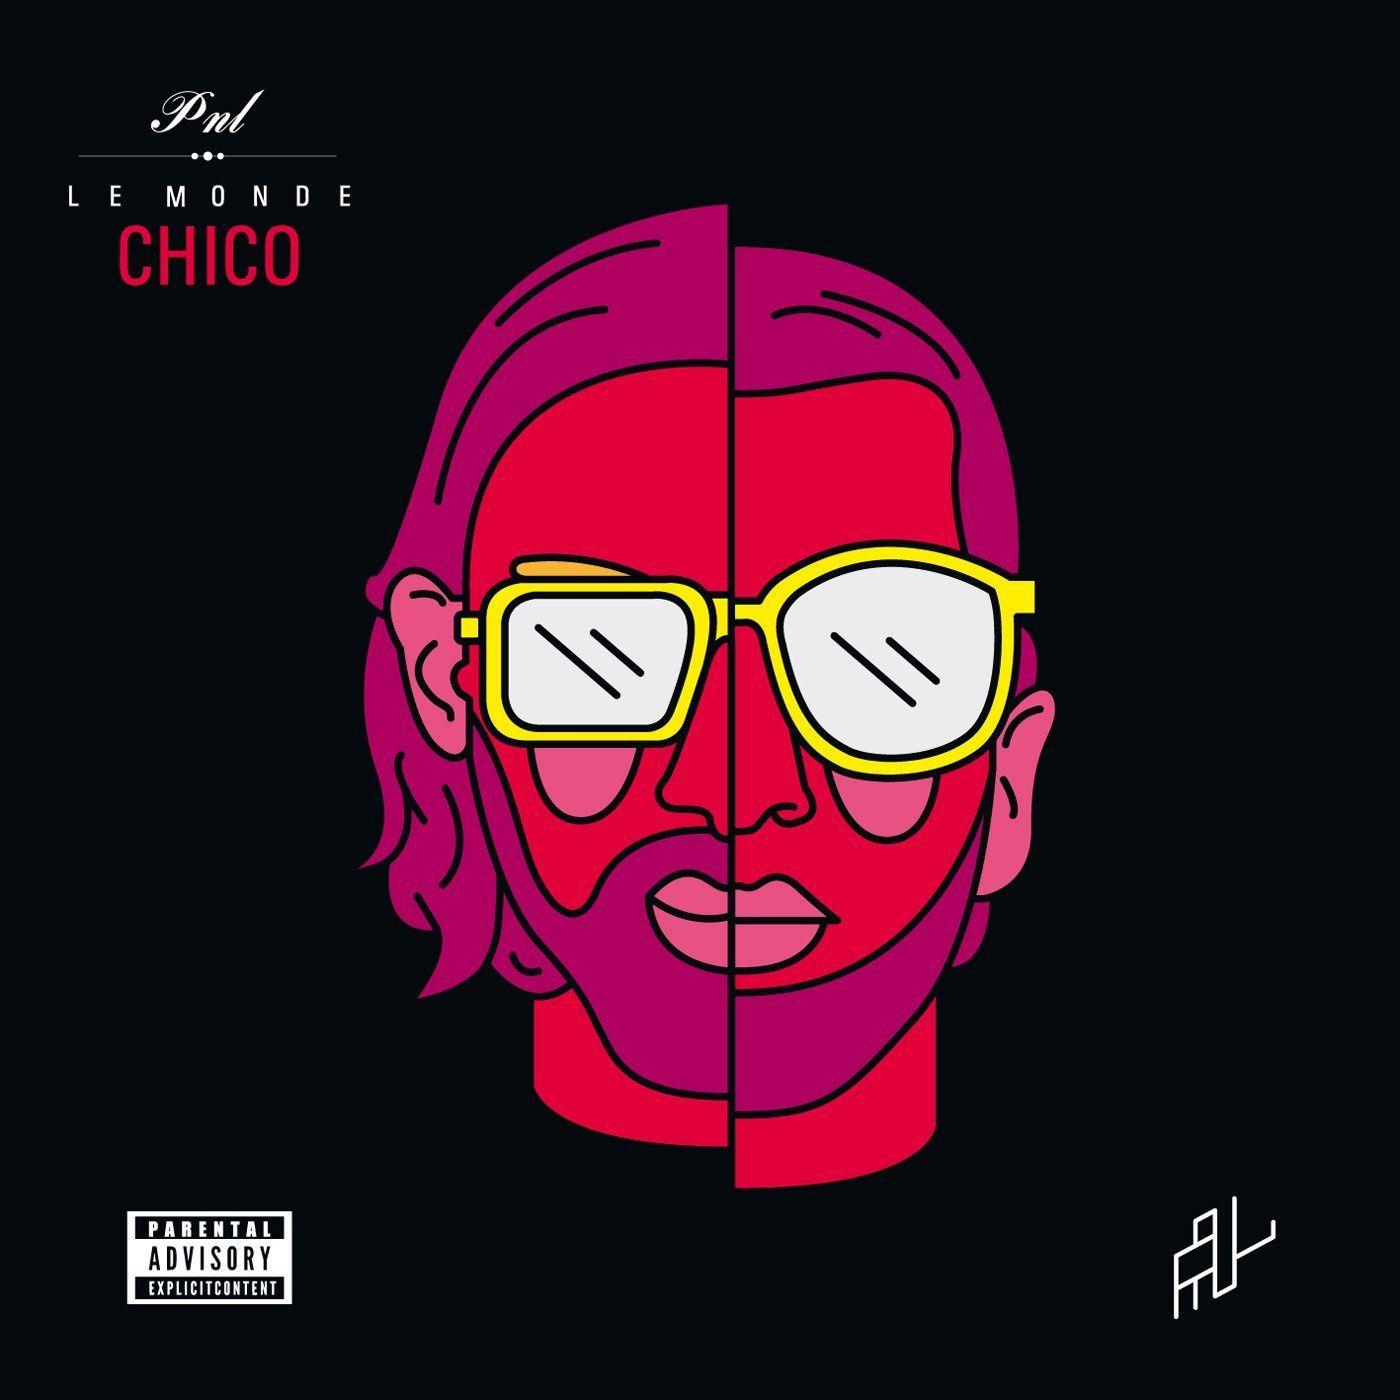 [Réactions] PNL - Le Monde Chico Ob_e447dc_00-pnl-le-monde-chico-web-fr-2015